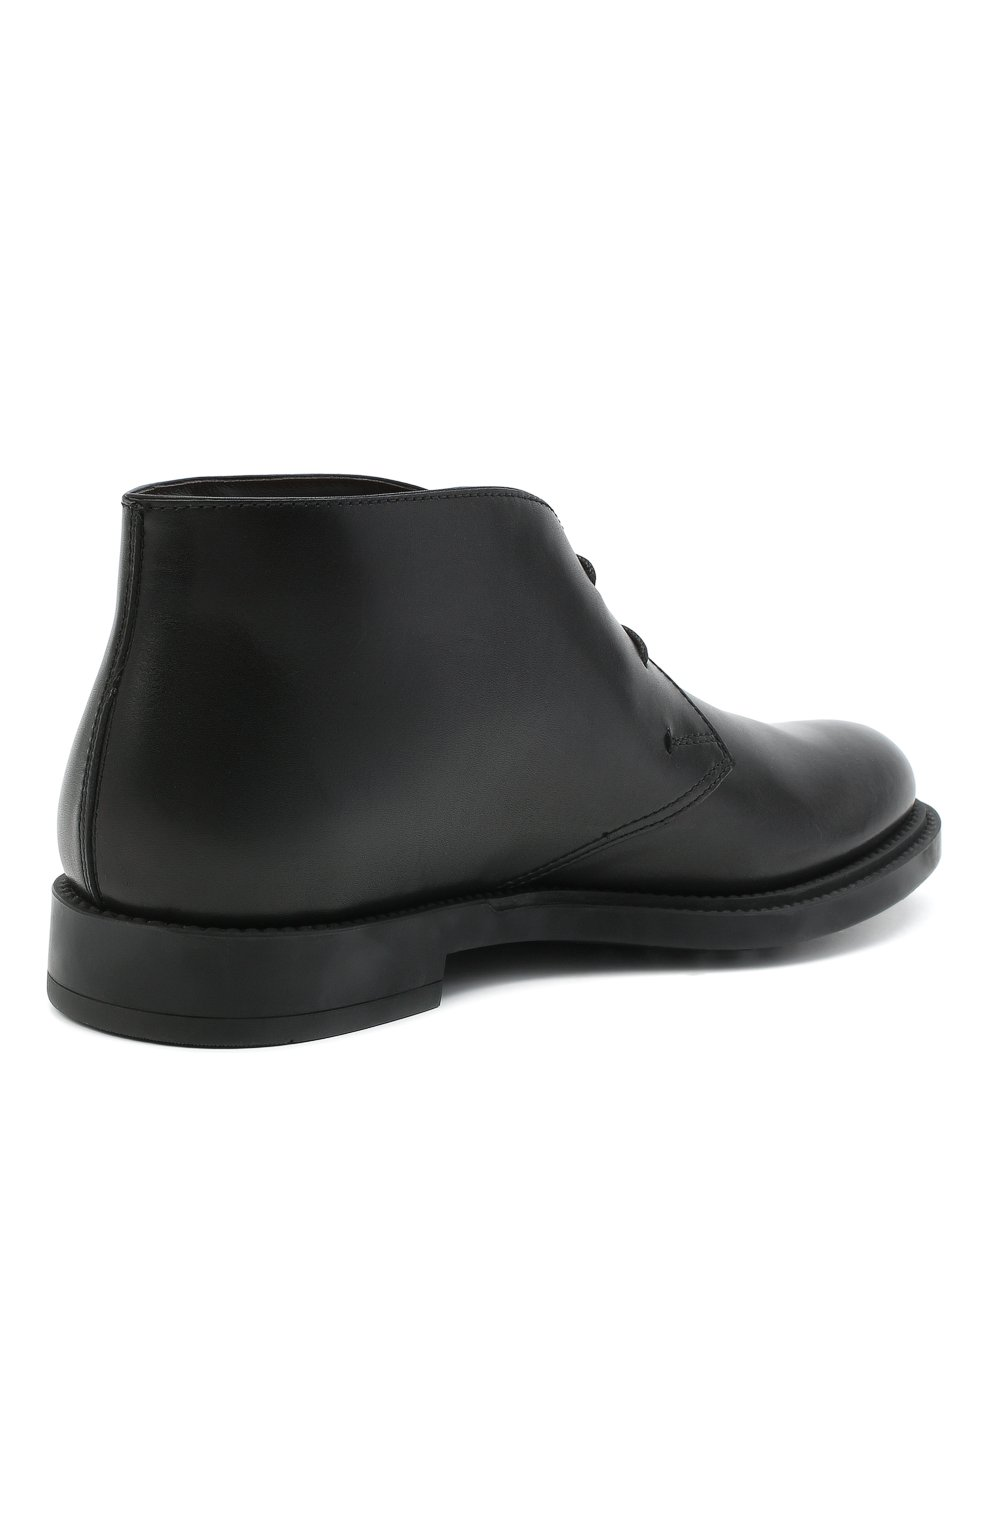 Мужские кожаные ботинки TOD'S черного цвета, арт. XXM62C0DH600LW   Фото 4 (Мужское Кросс-КТ: Ботинки-обувь, Дезерты-обувь; Материал внутренний: Натуральная кожа; Подошва: Плоская)